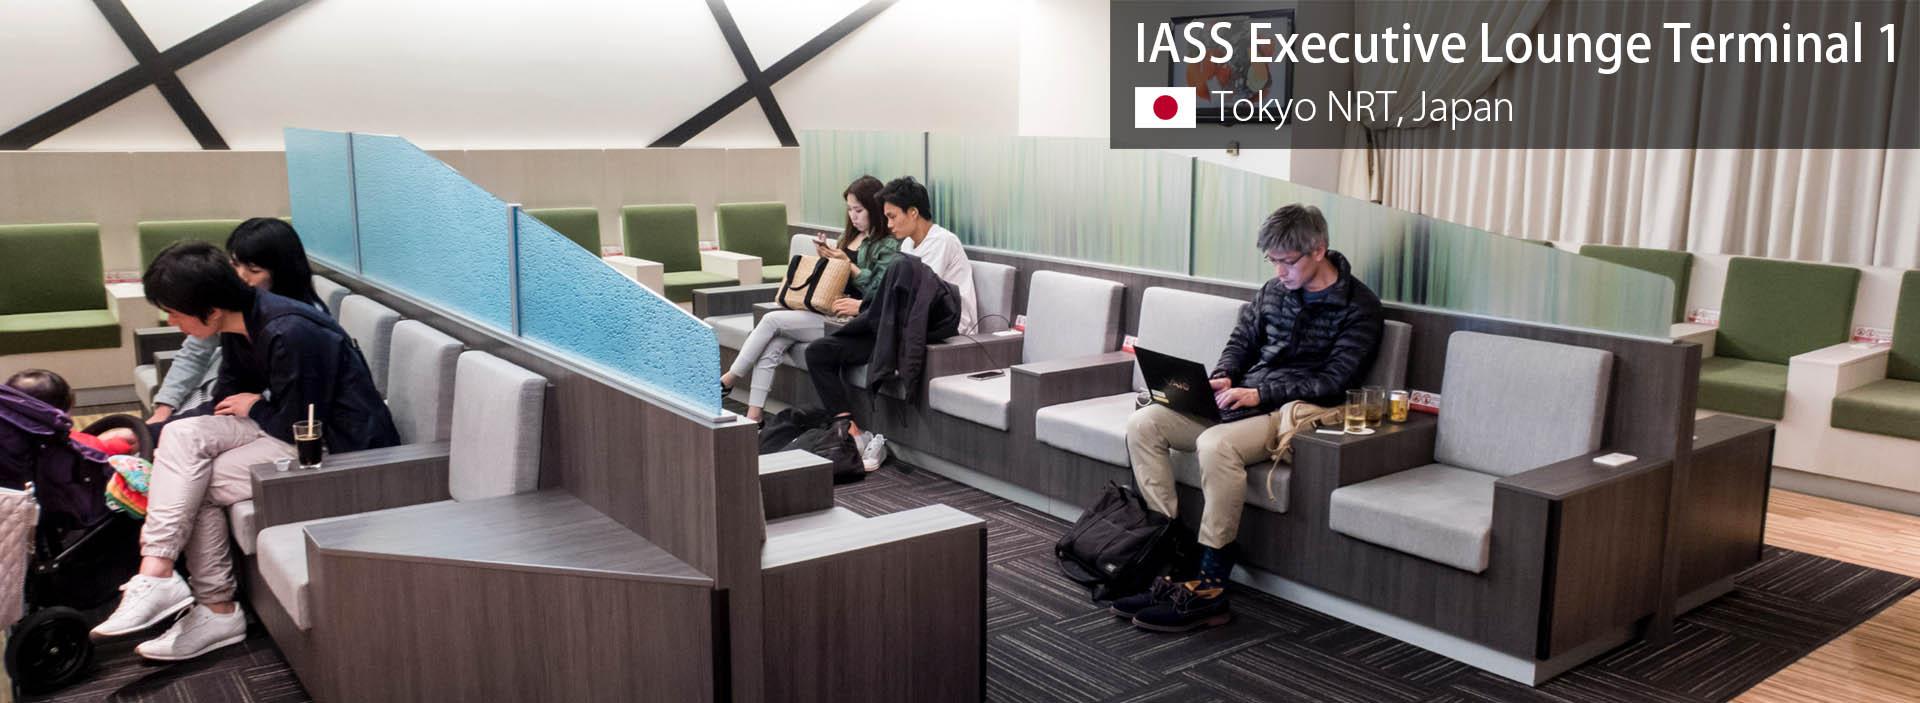 Lounge Review: IASS Executive Lounge Terminal 1 at Tokyo Narita